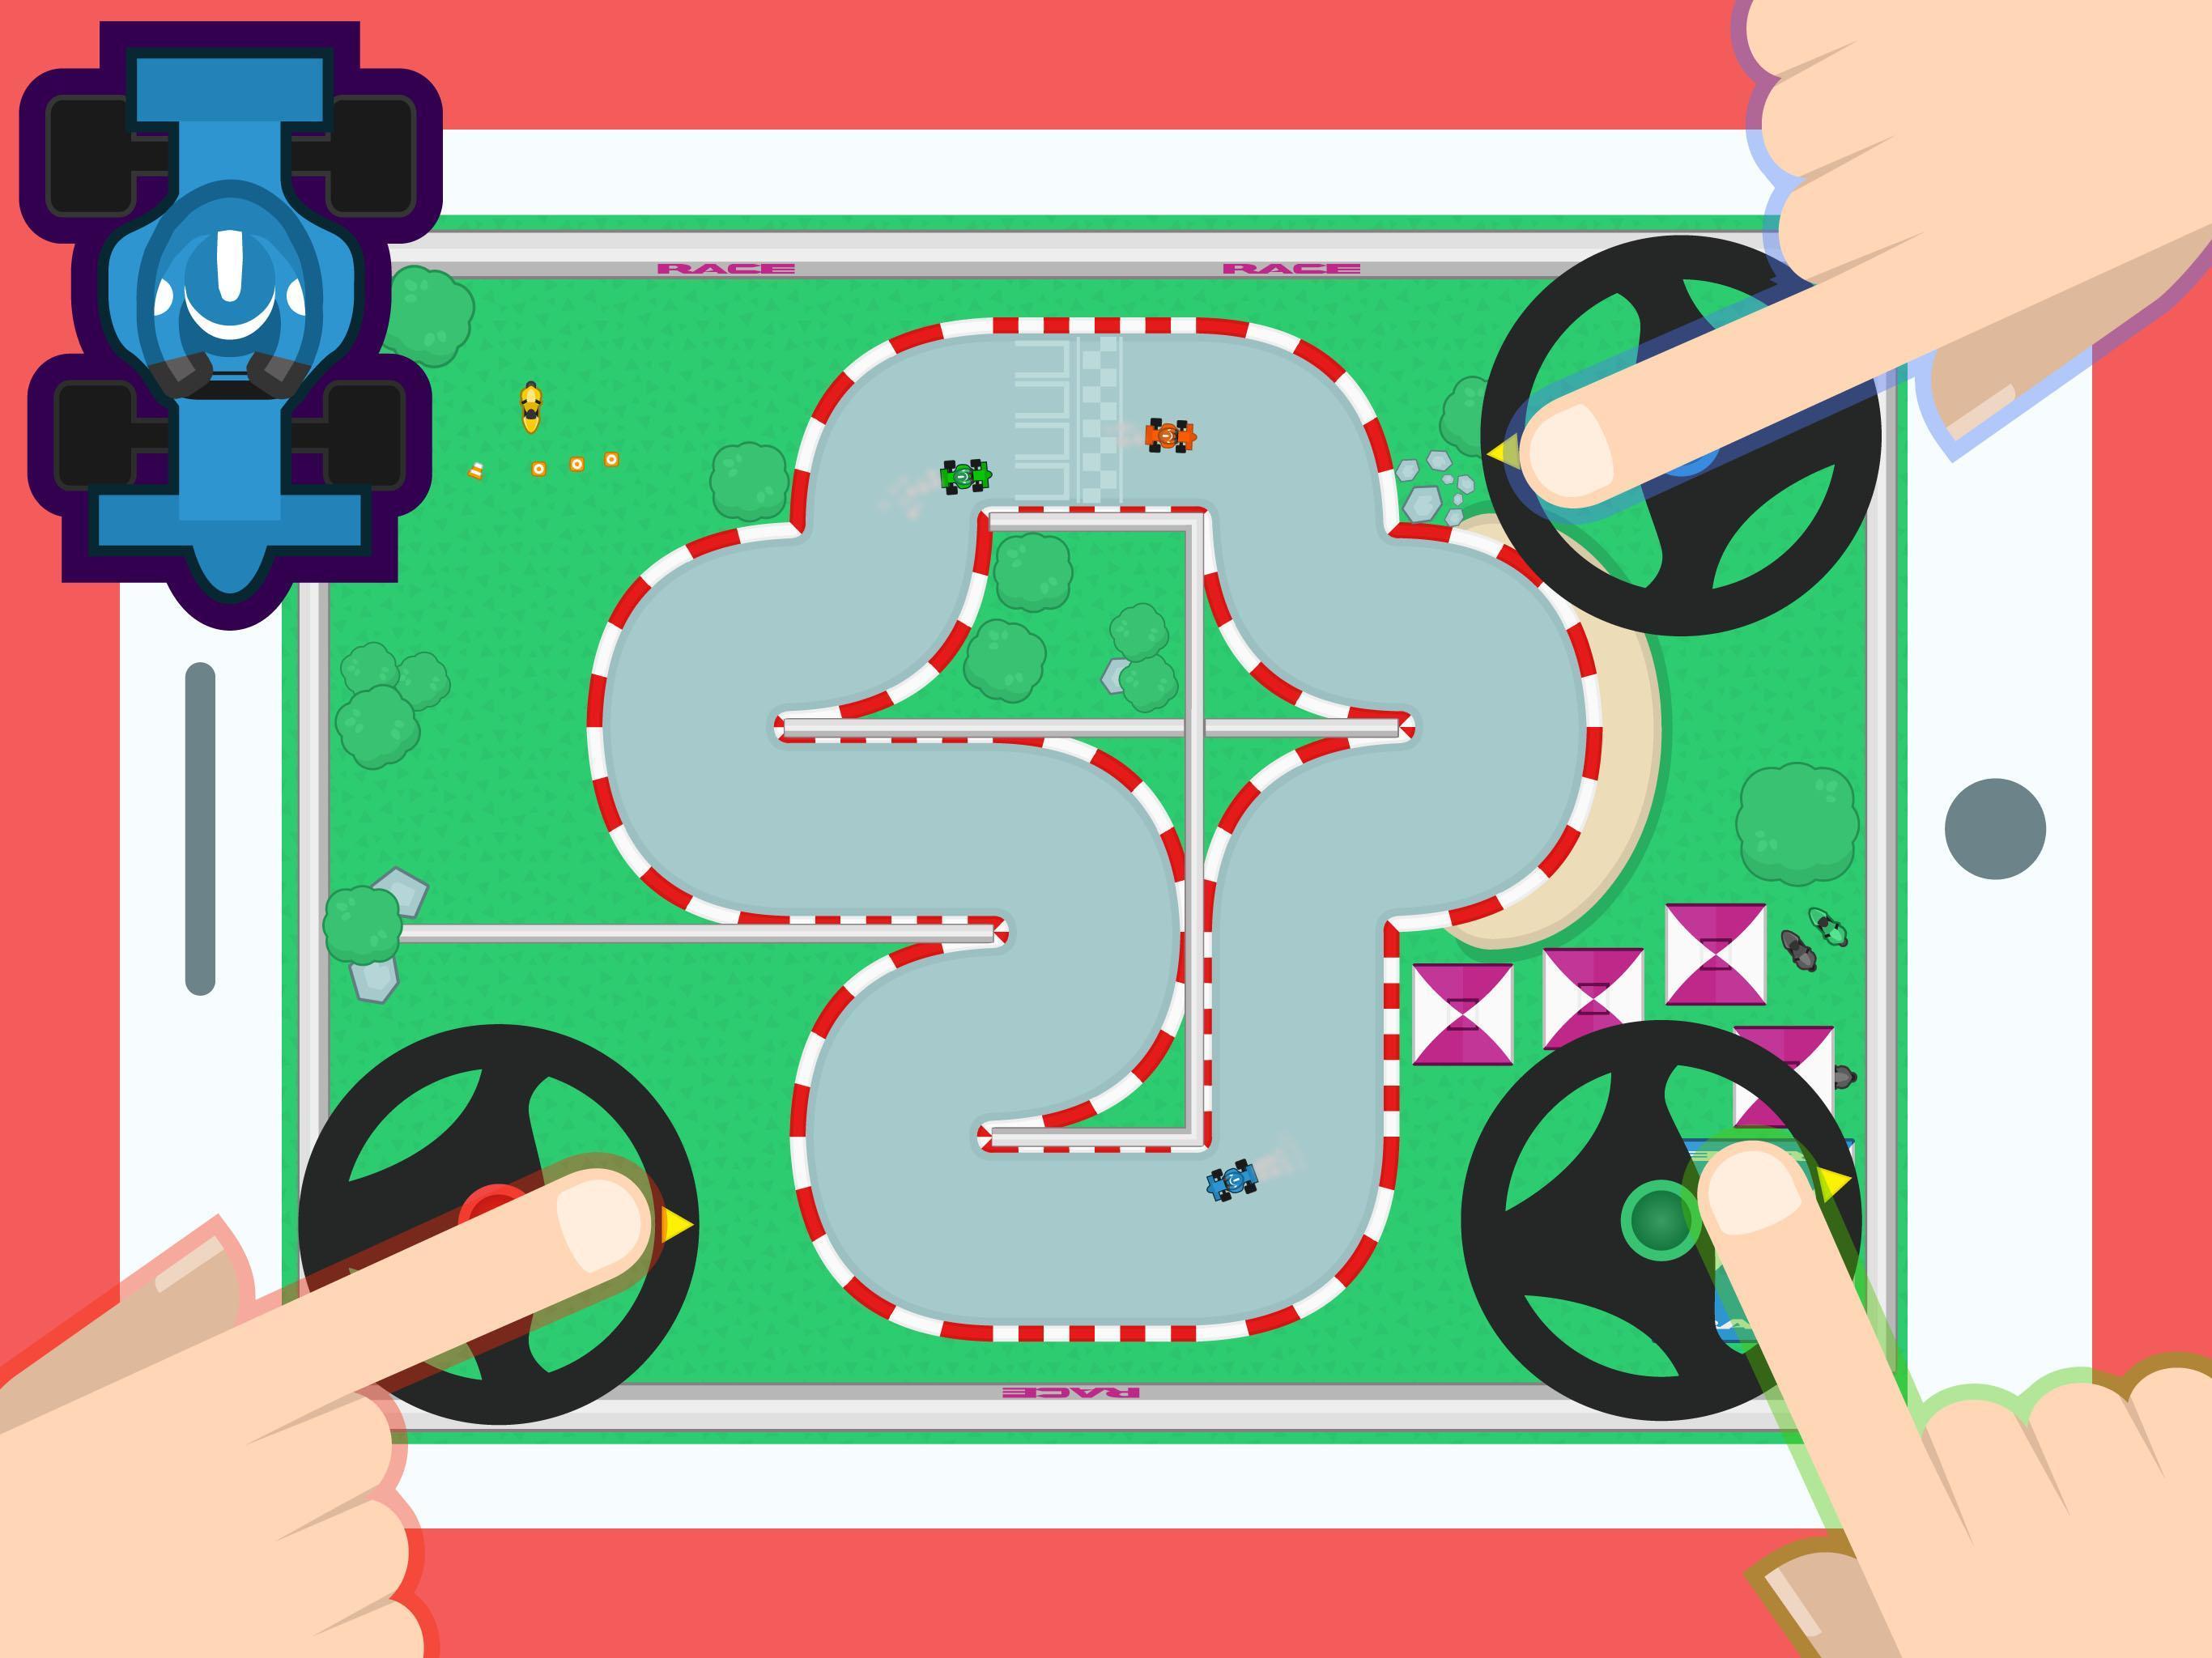 Spiele für 2 3 4 Personen - Spiele zu Zweit für Android